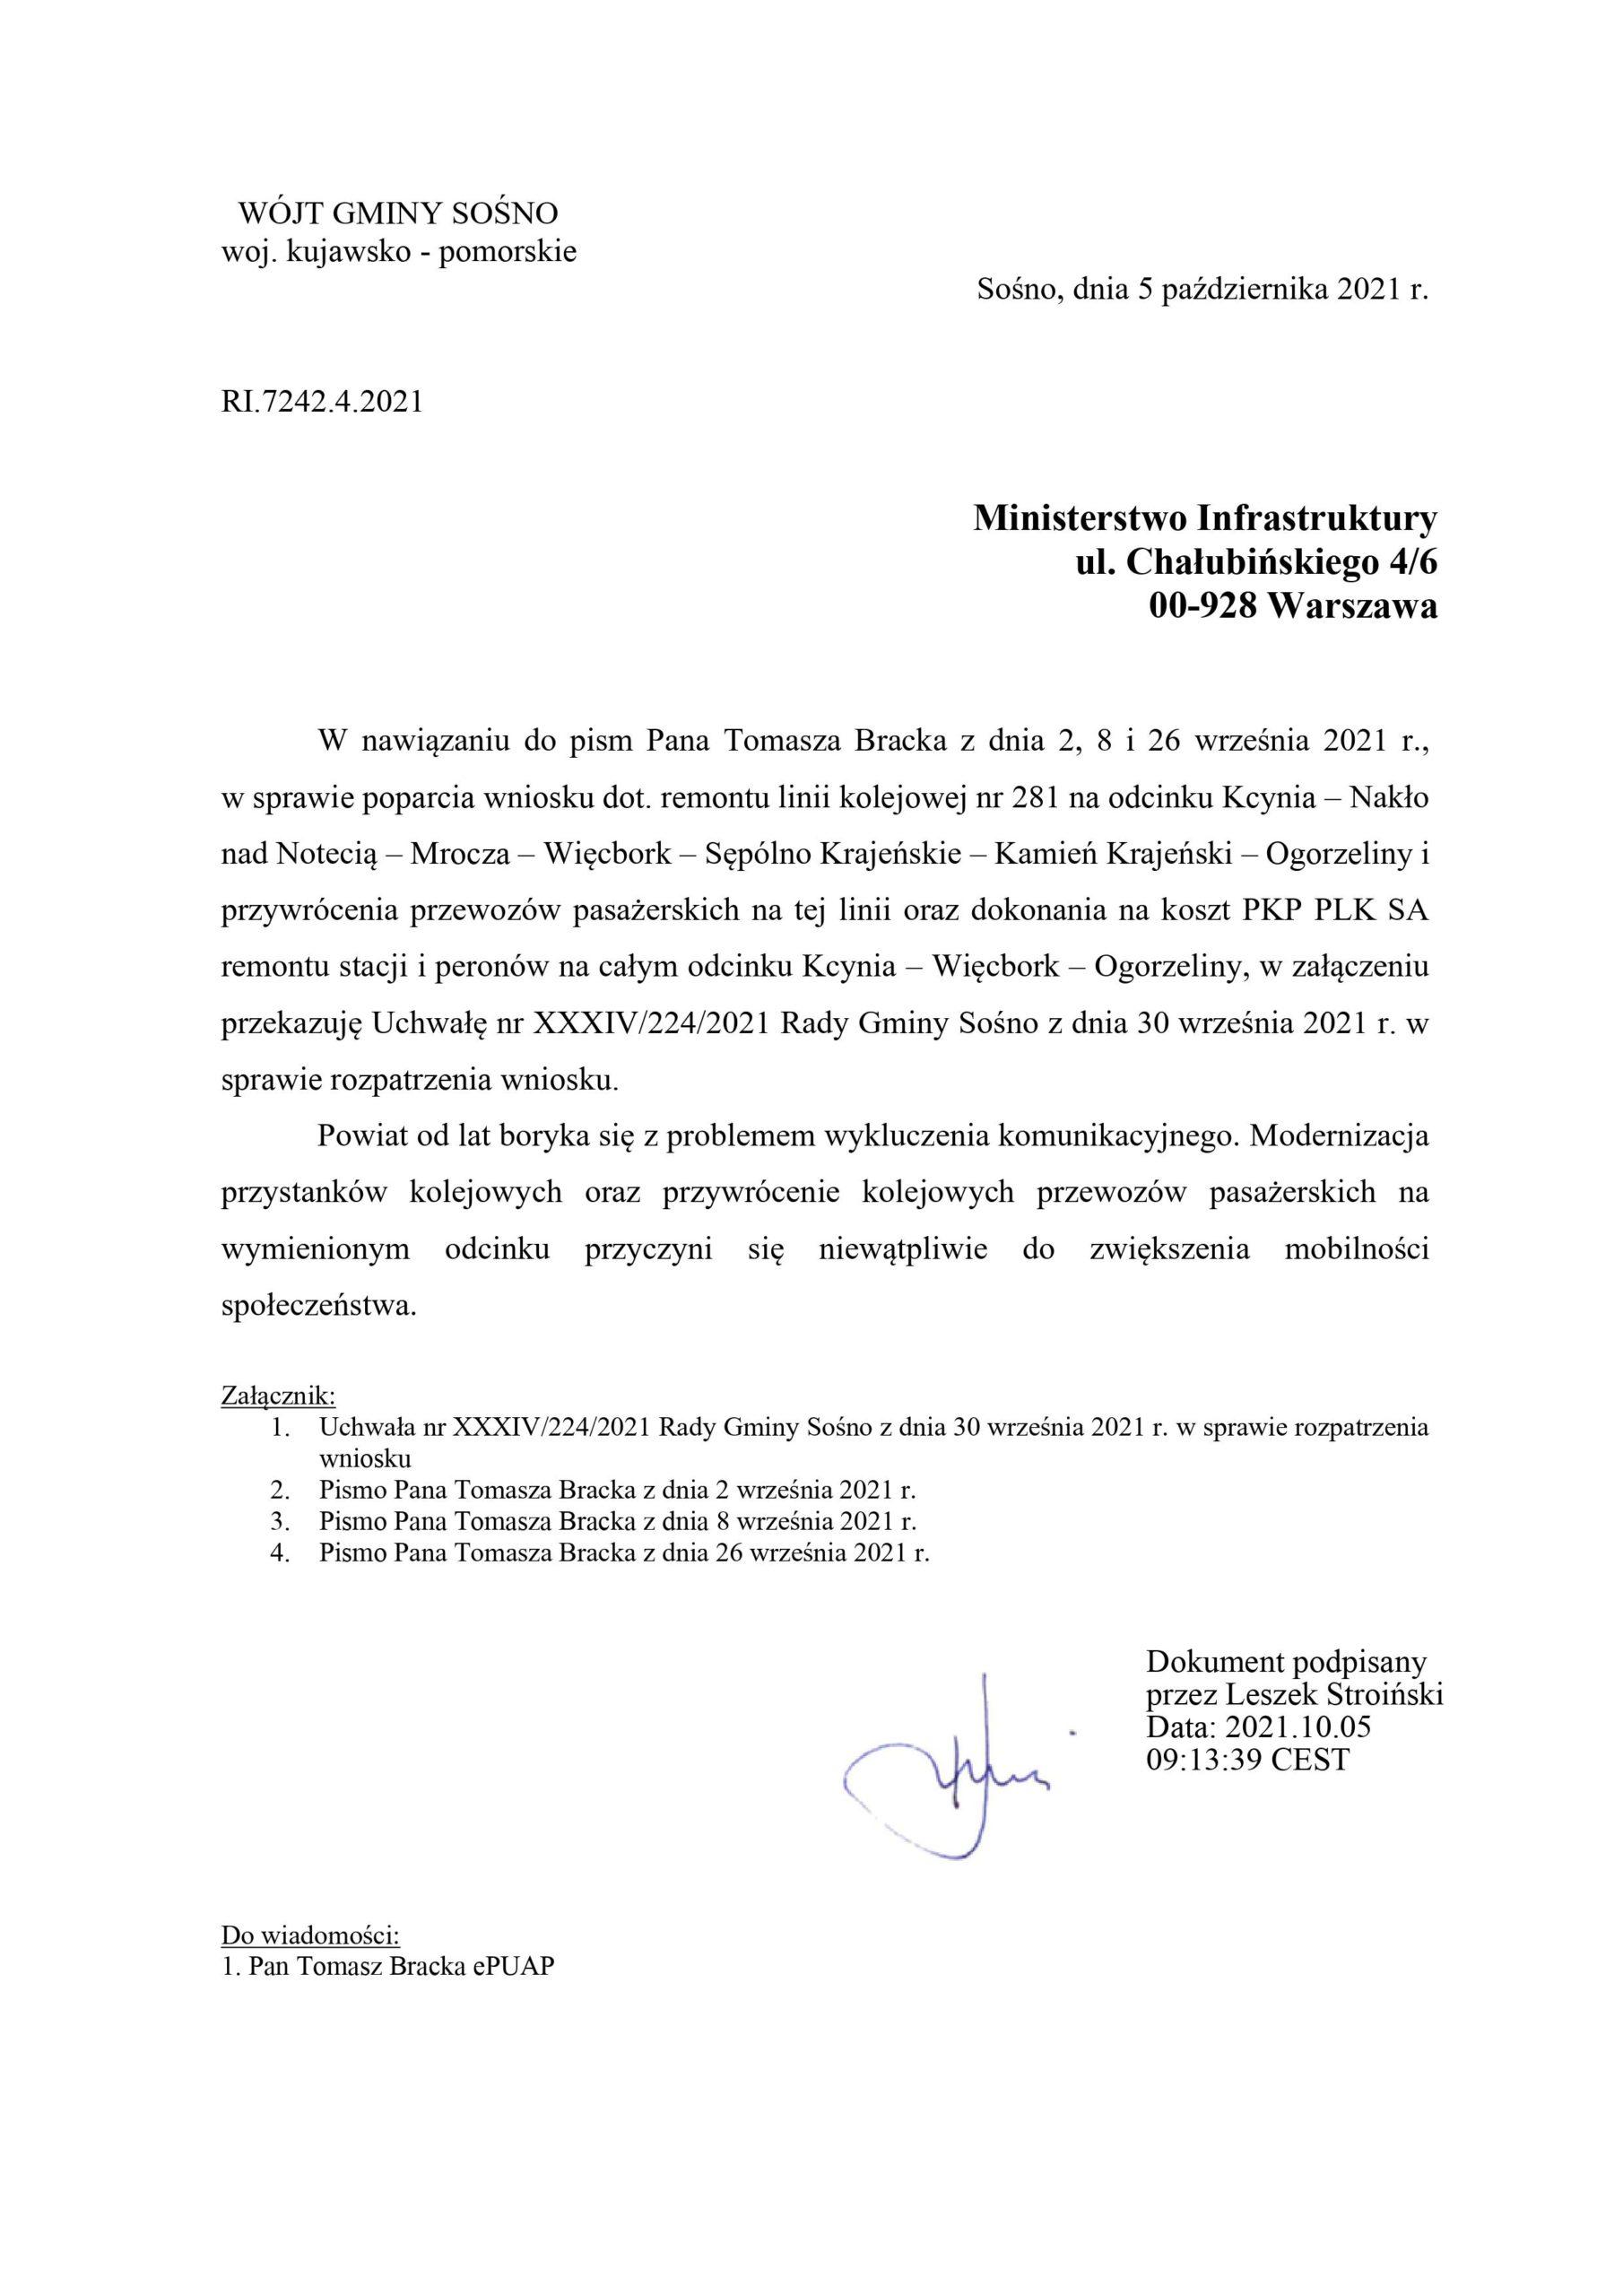 Wójt Gminy Sośno iRada Gminy Sośno poparli mójwniosek Tomasza Romana Bracka wsprawie remontu imodernizacji wszystkich stacji iprzystanków kolejowych naLK nr281 odKcyni rzez Nakło n/Not. - Więcbork doOgorzelin iwystąpili doMinisterstwa Infrastruktury RP iZarządu PKP PLK SA oniezwłoczne uruchomienie imodernizację wszystkich przystanków pasażerskich PKP istacji dla przewozów pasażerskich nalinii kolejowej nr281 ijej pilną rewitalizację naodcinku Kcynia – Nakło n/Not – Mrocza – Więcbork – Sępólno Kr. – Kamień Kr. – Ogorzeliny